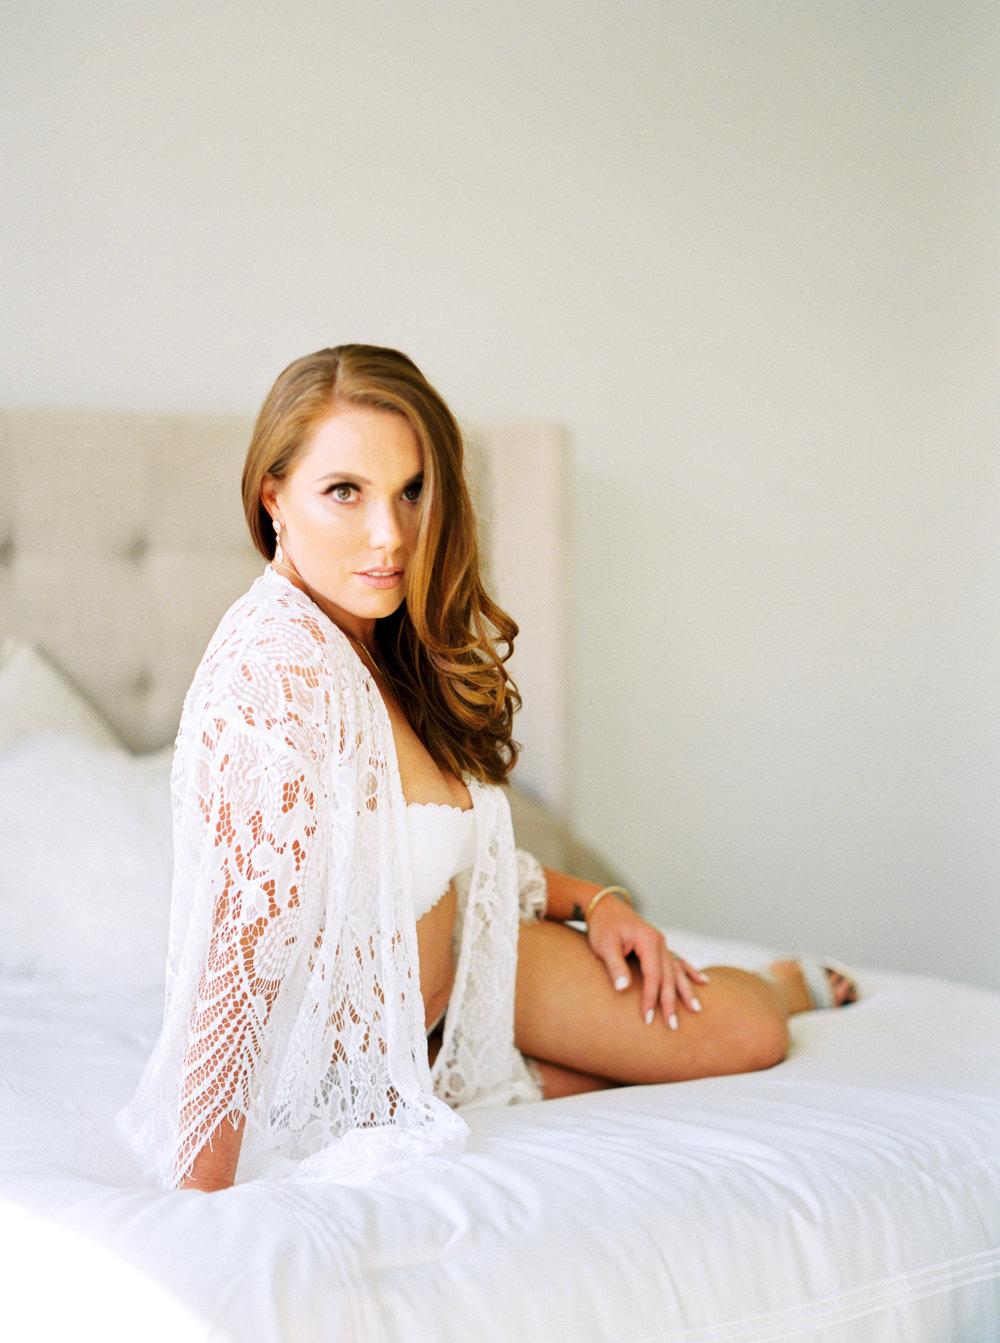 dennisroycoronel_bridal_boudoir_orangecounty_losangeles_photographer-18.jpg